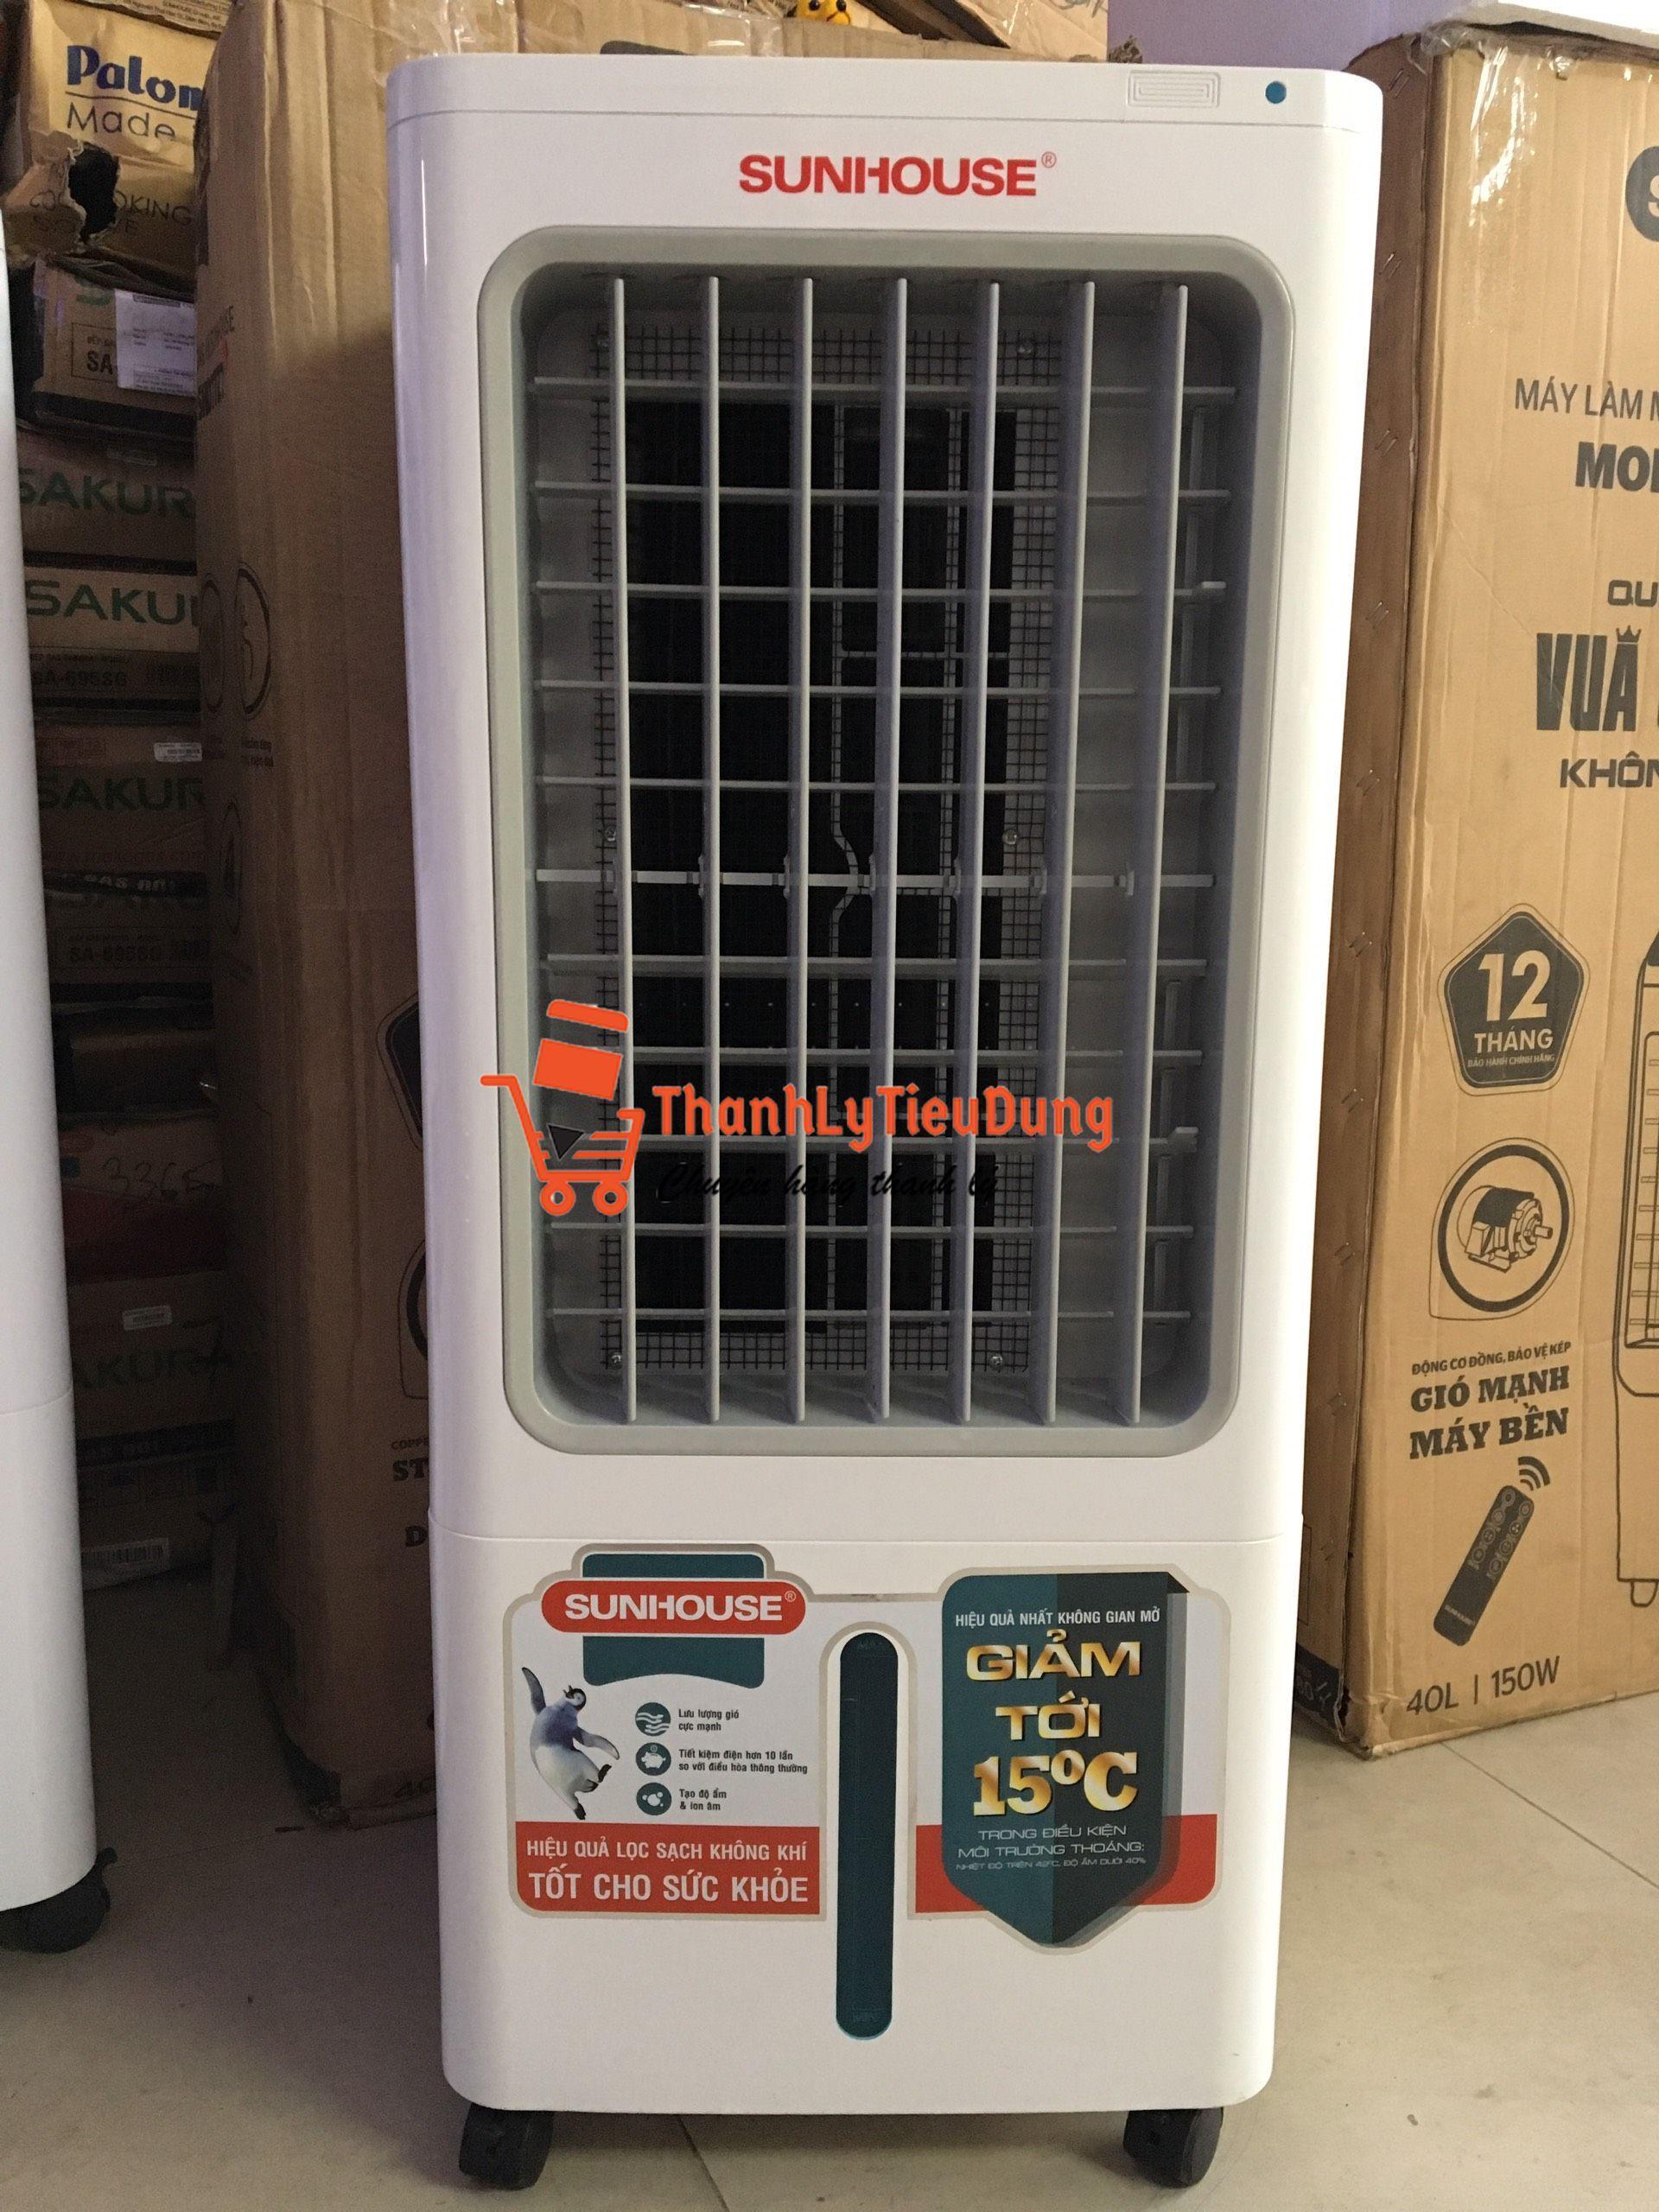 Bảng giá Quạt điều hòa không khí Sunhouse SHD7714 - HÀNG TRƯNG BÀY